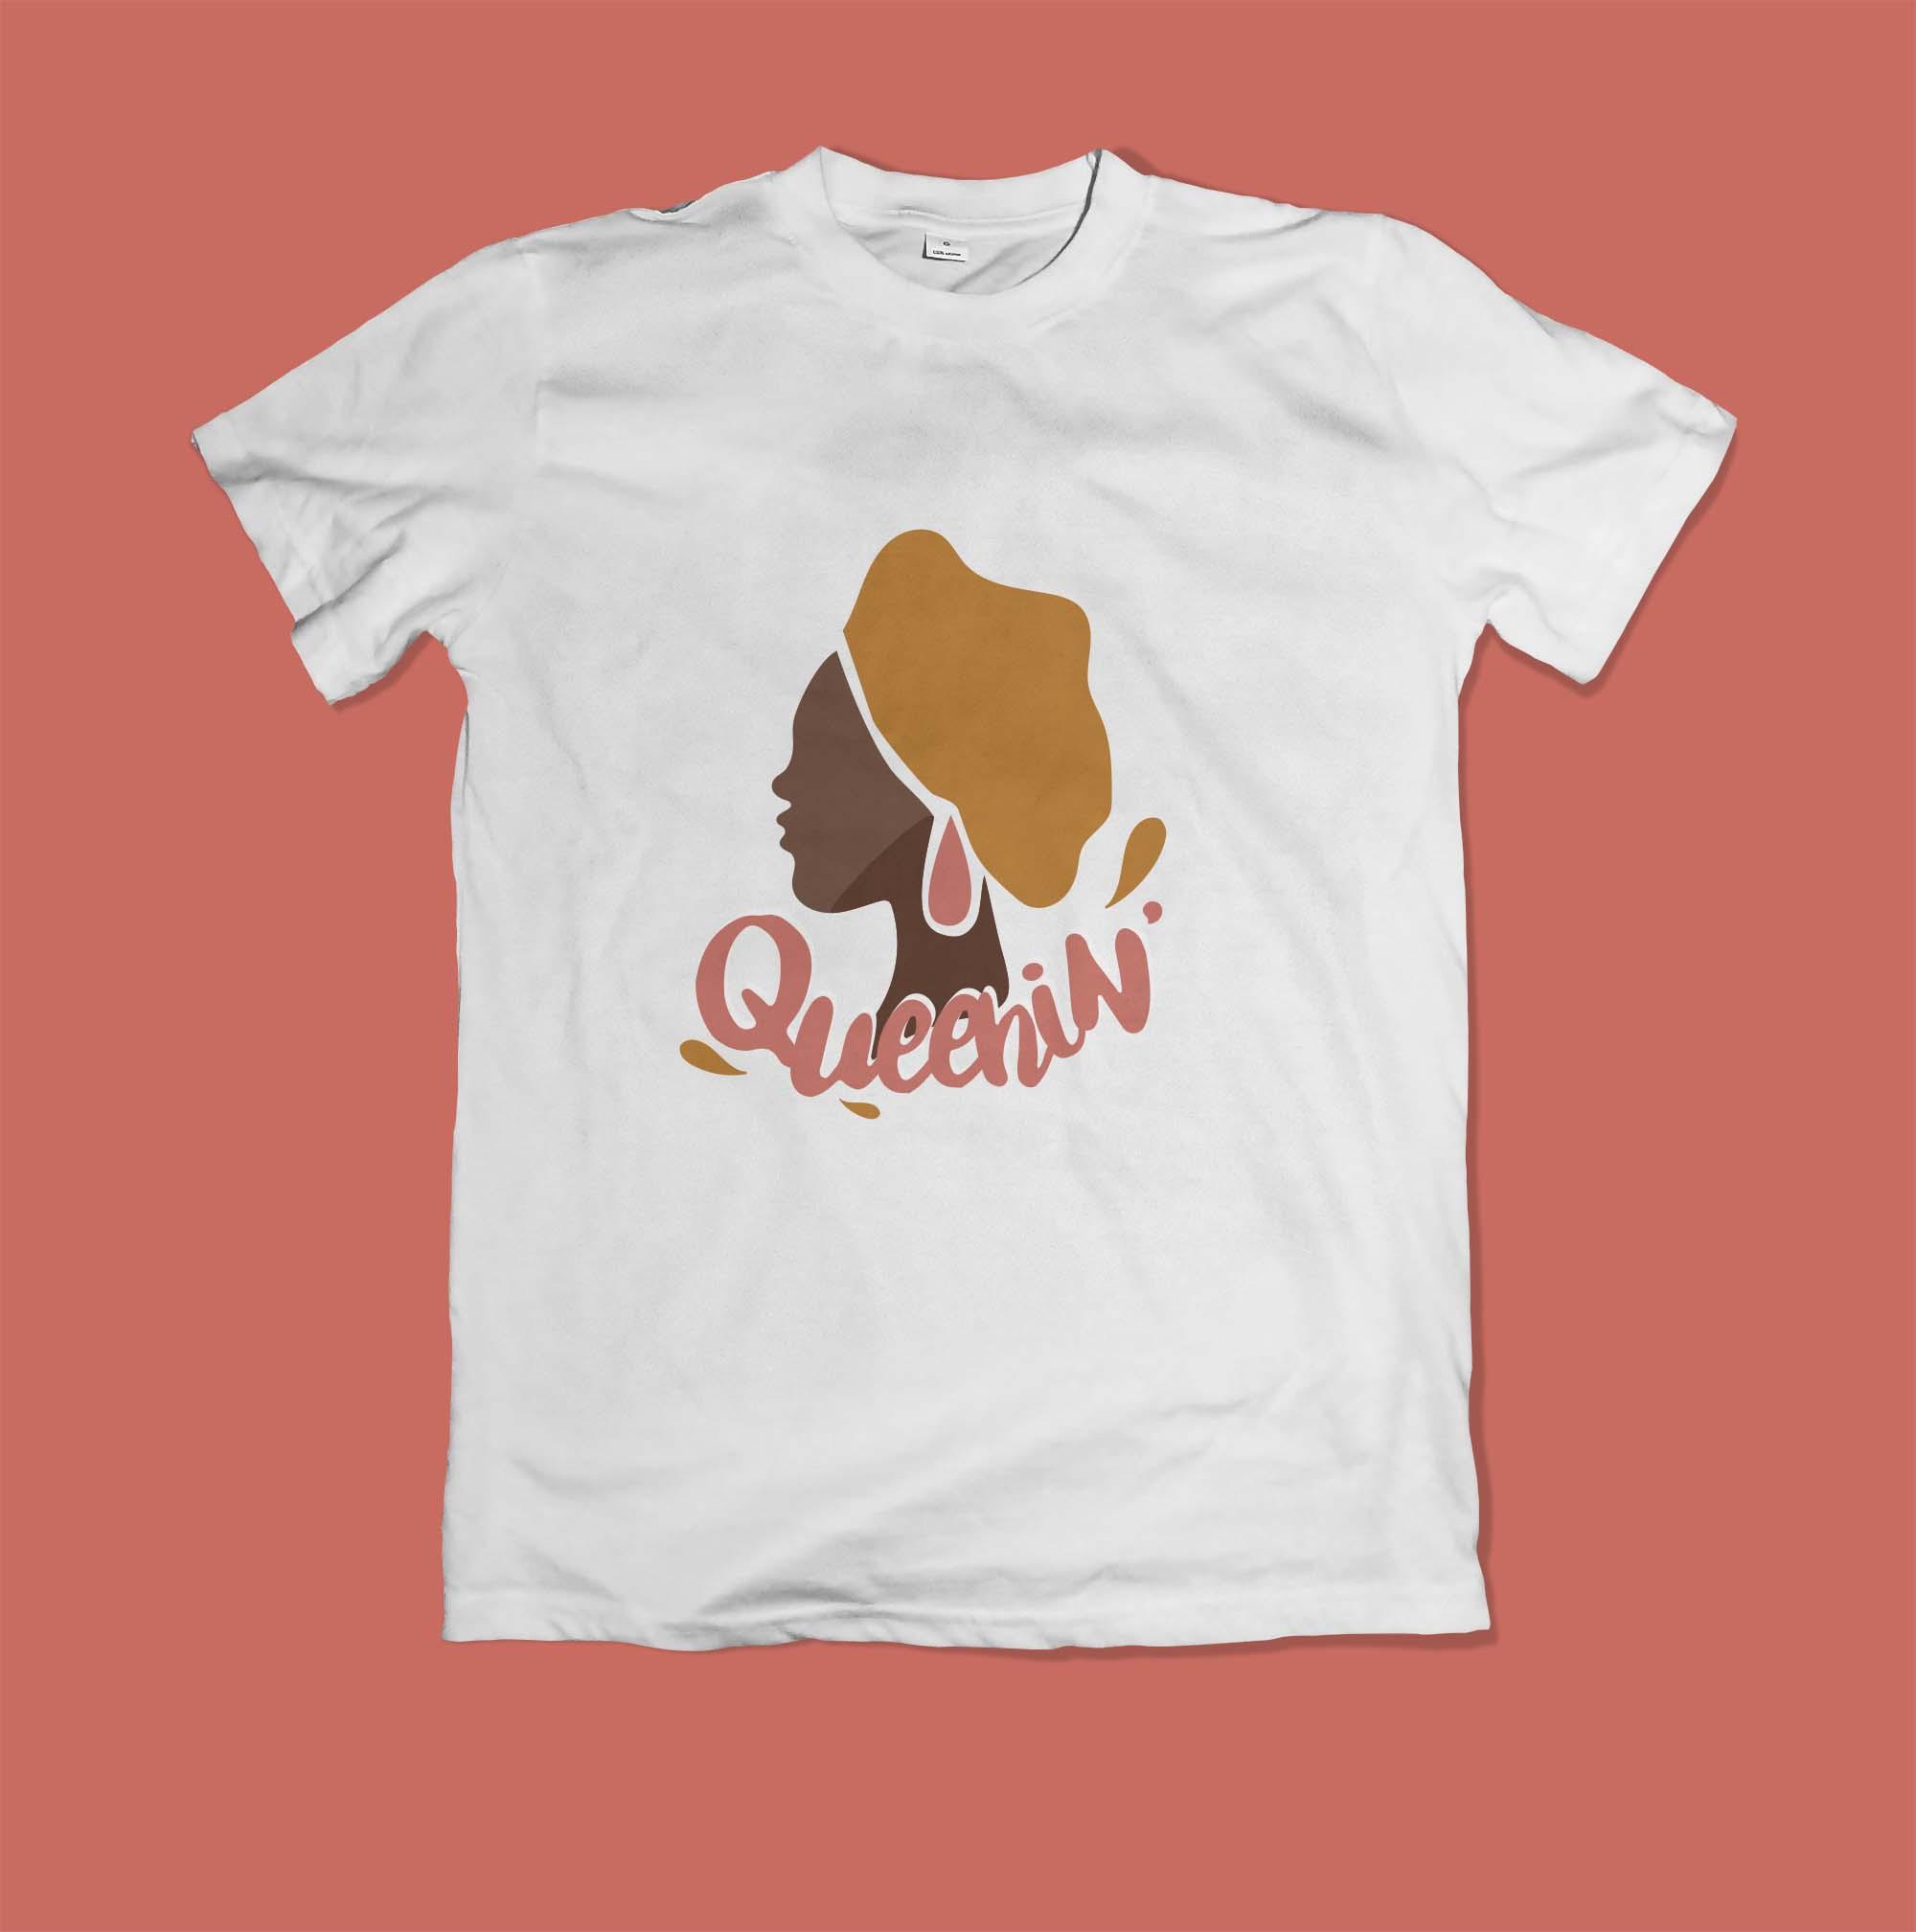 QueeninTee2